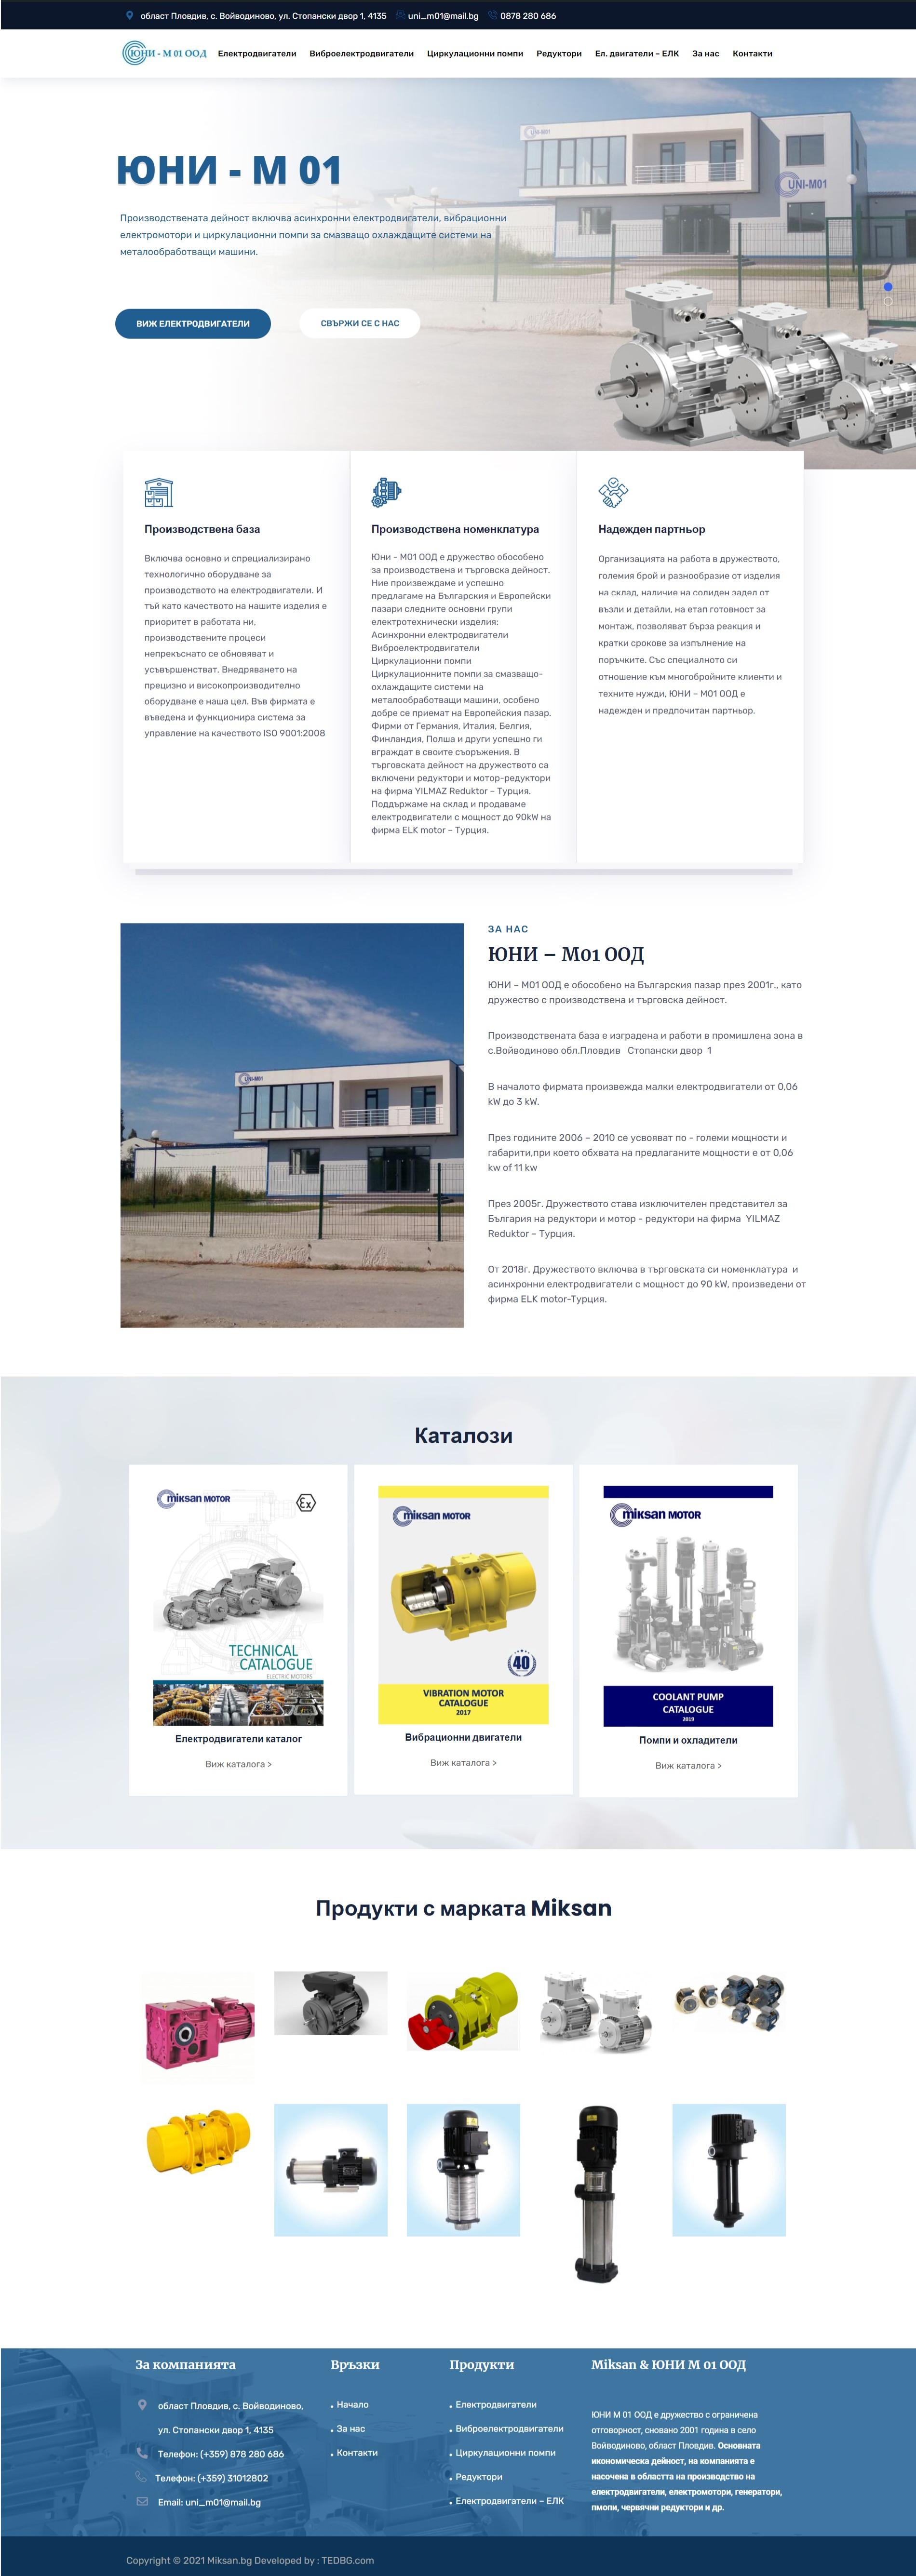 Miksan motor - Юни М - Корпоративен сайт